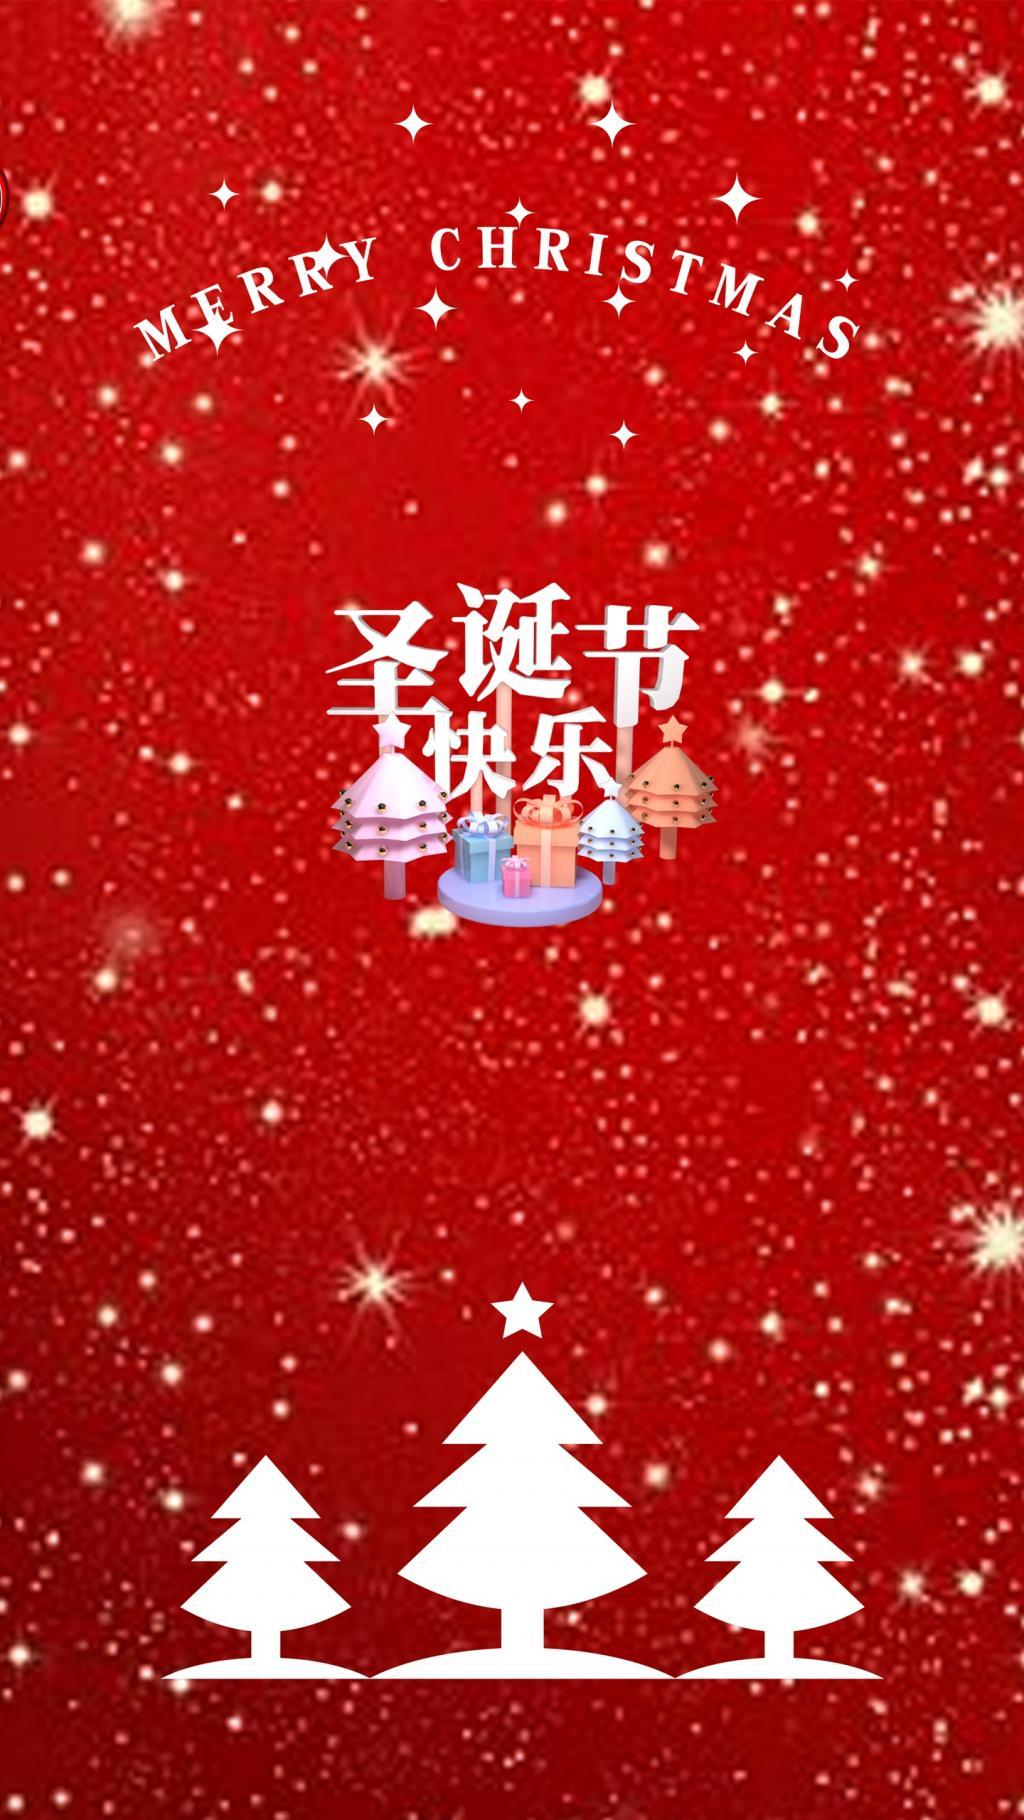 红色喜庆圣诞节快乐高清手机壁纸图片